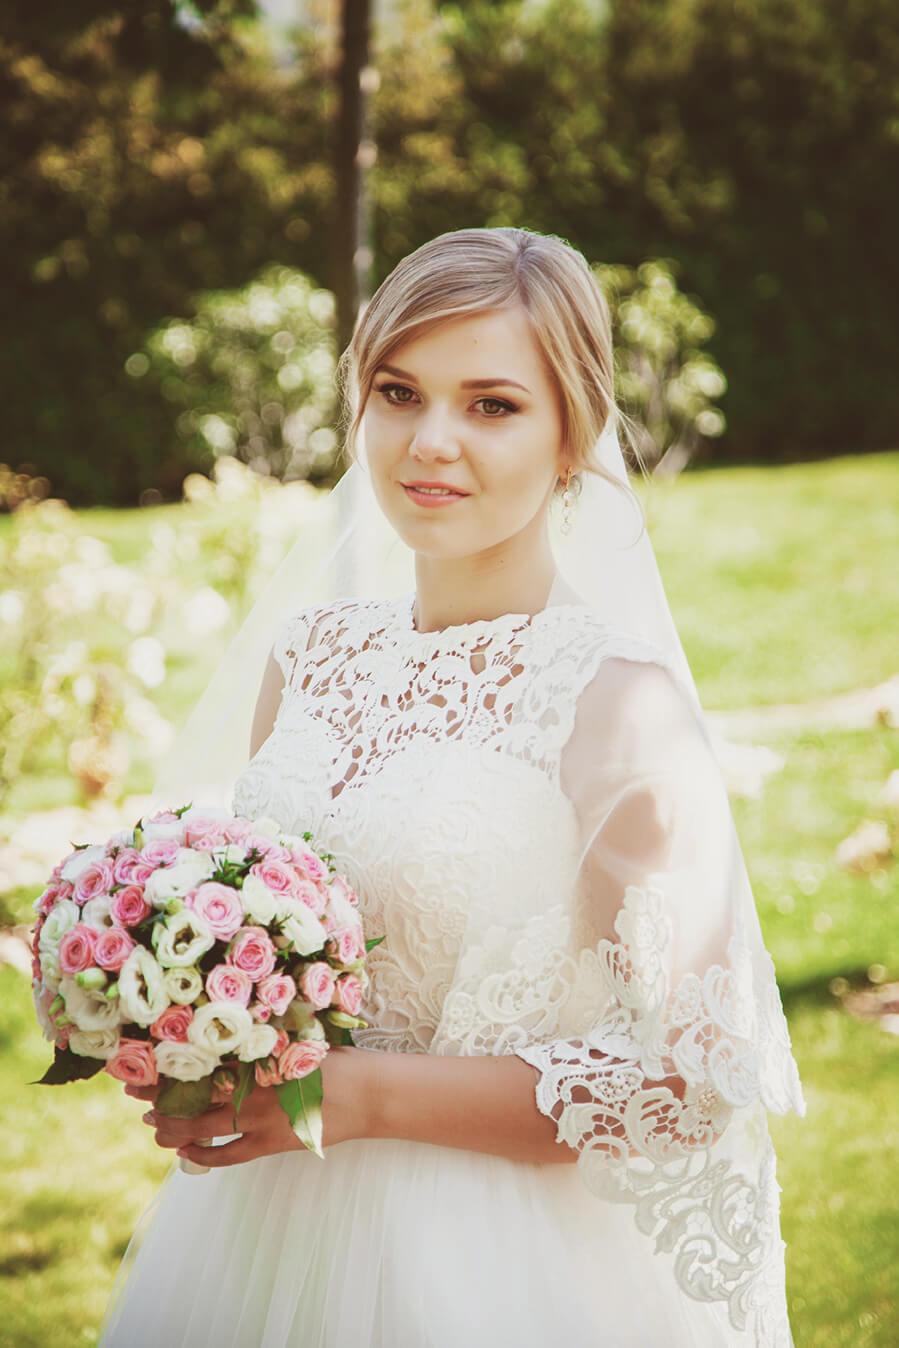 svadebnaja-fotosessija-v-mezhigore-fotograf-kiev-svadebnye-pozy-buket-4